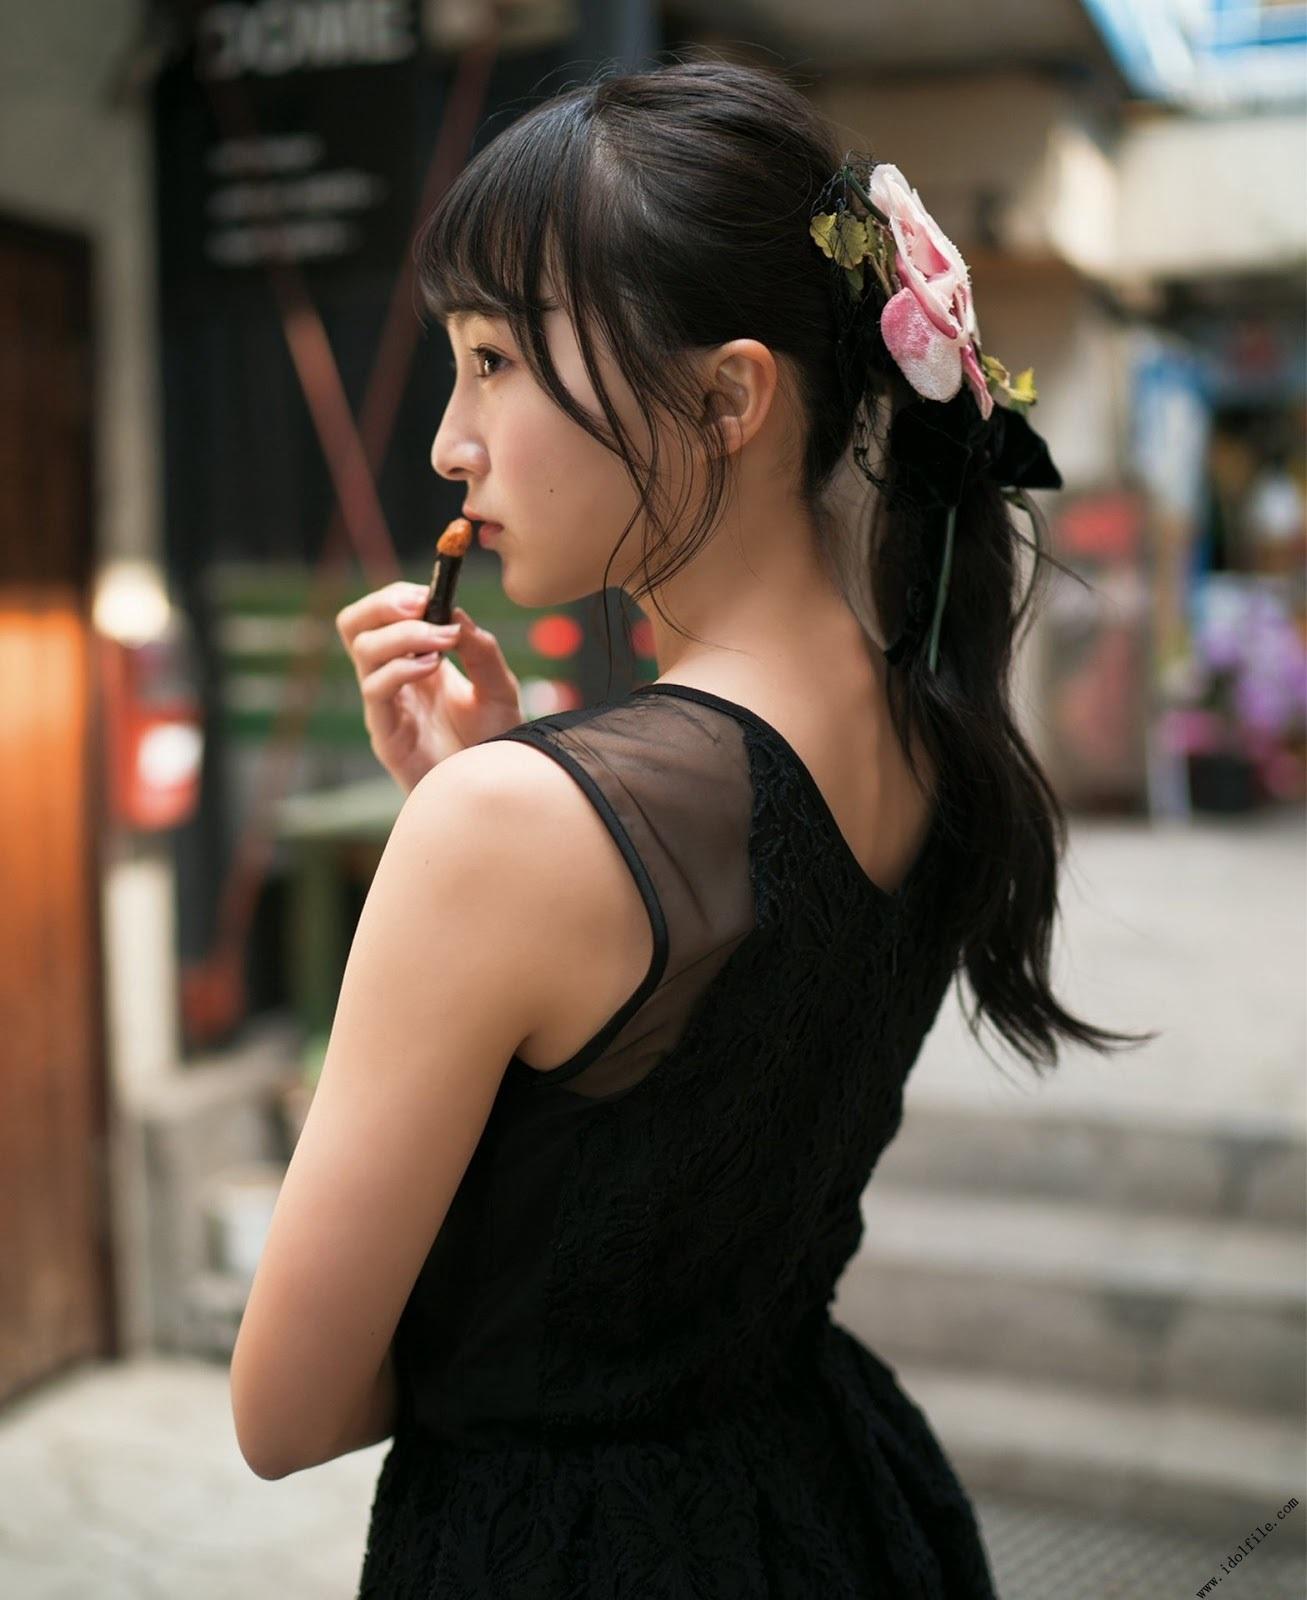 NMB48次世代王牌山本彩加引退转当护理师超暖原因让人更爱她了 网络美女 第41张